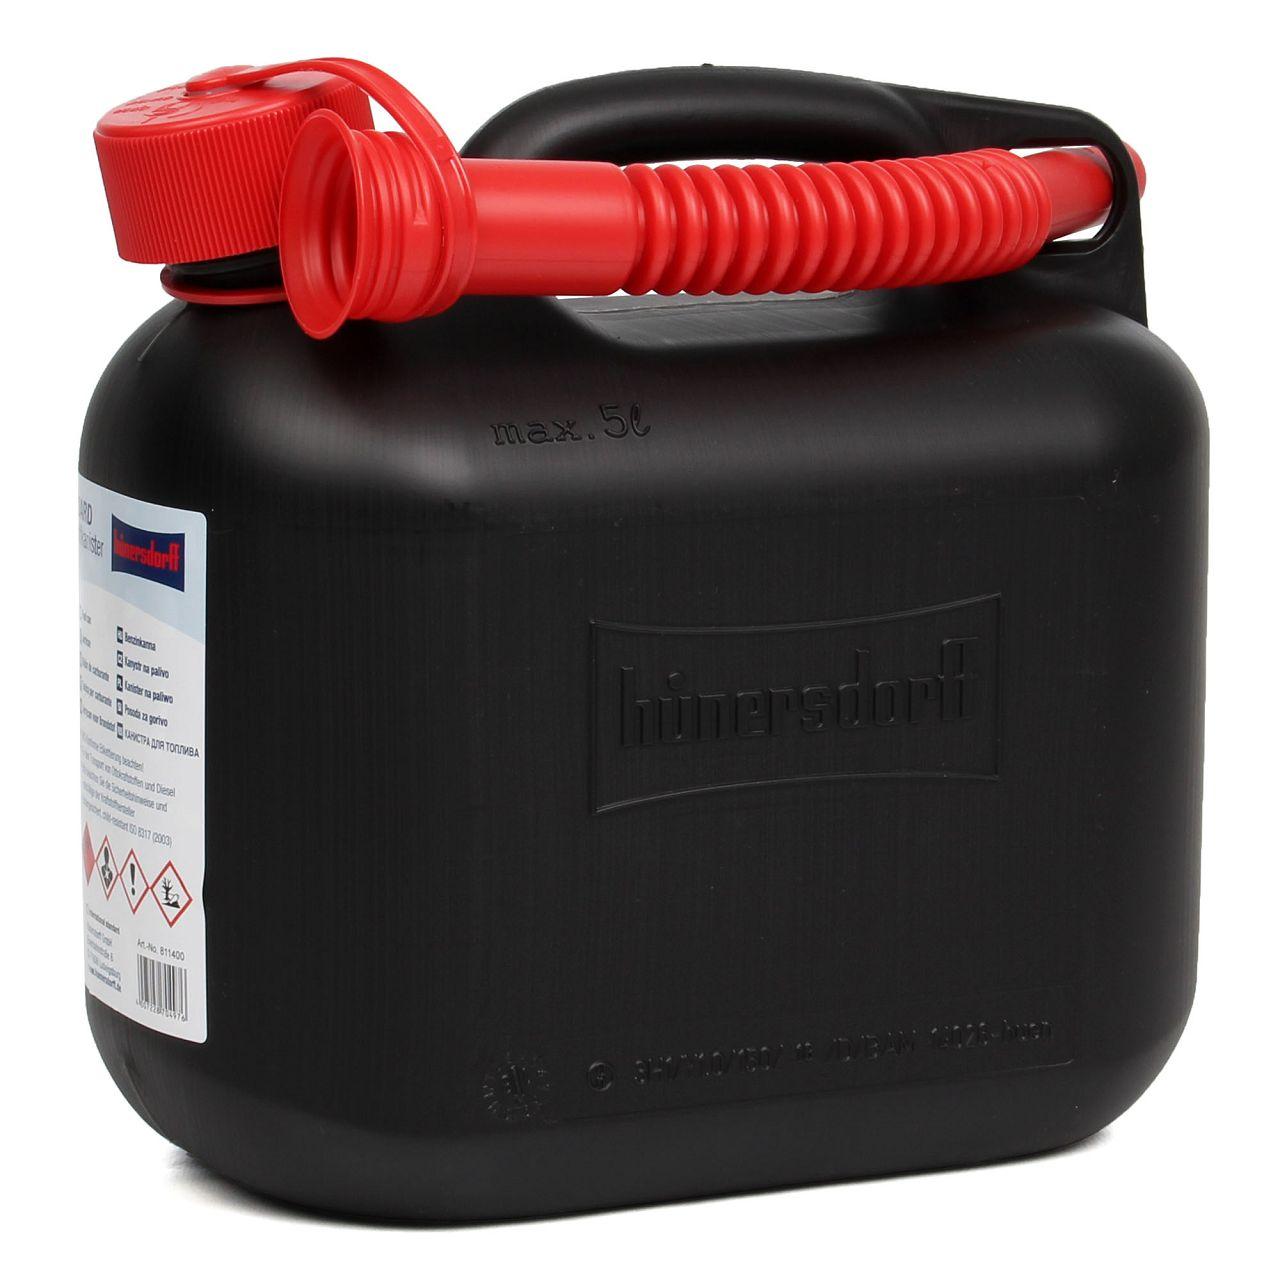 HÜNERSDORFF 811400 Kanister Benzinkanister Reservekanister 5 L Schwarz